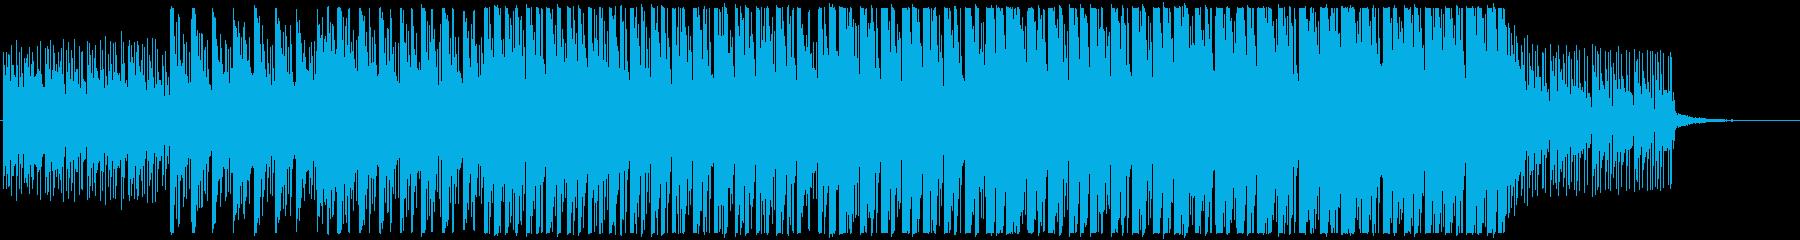 爽やかでおしゃれなコーポレート向けBGMの再生済みの波形